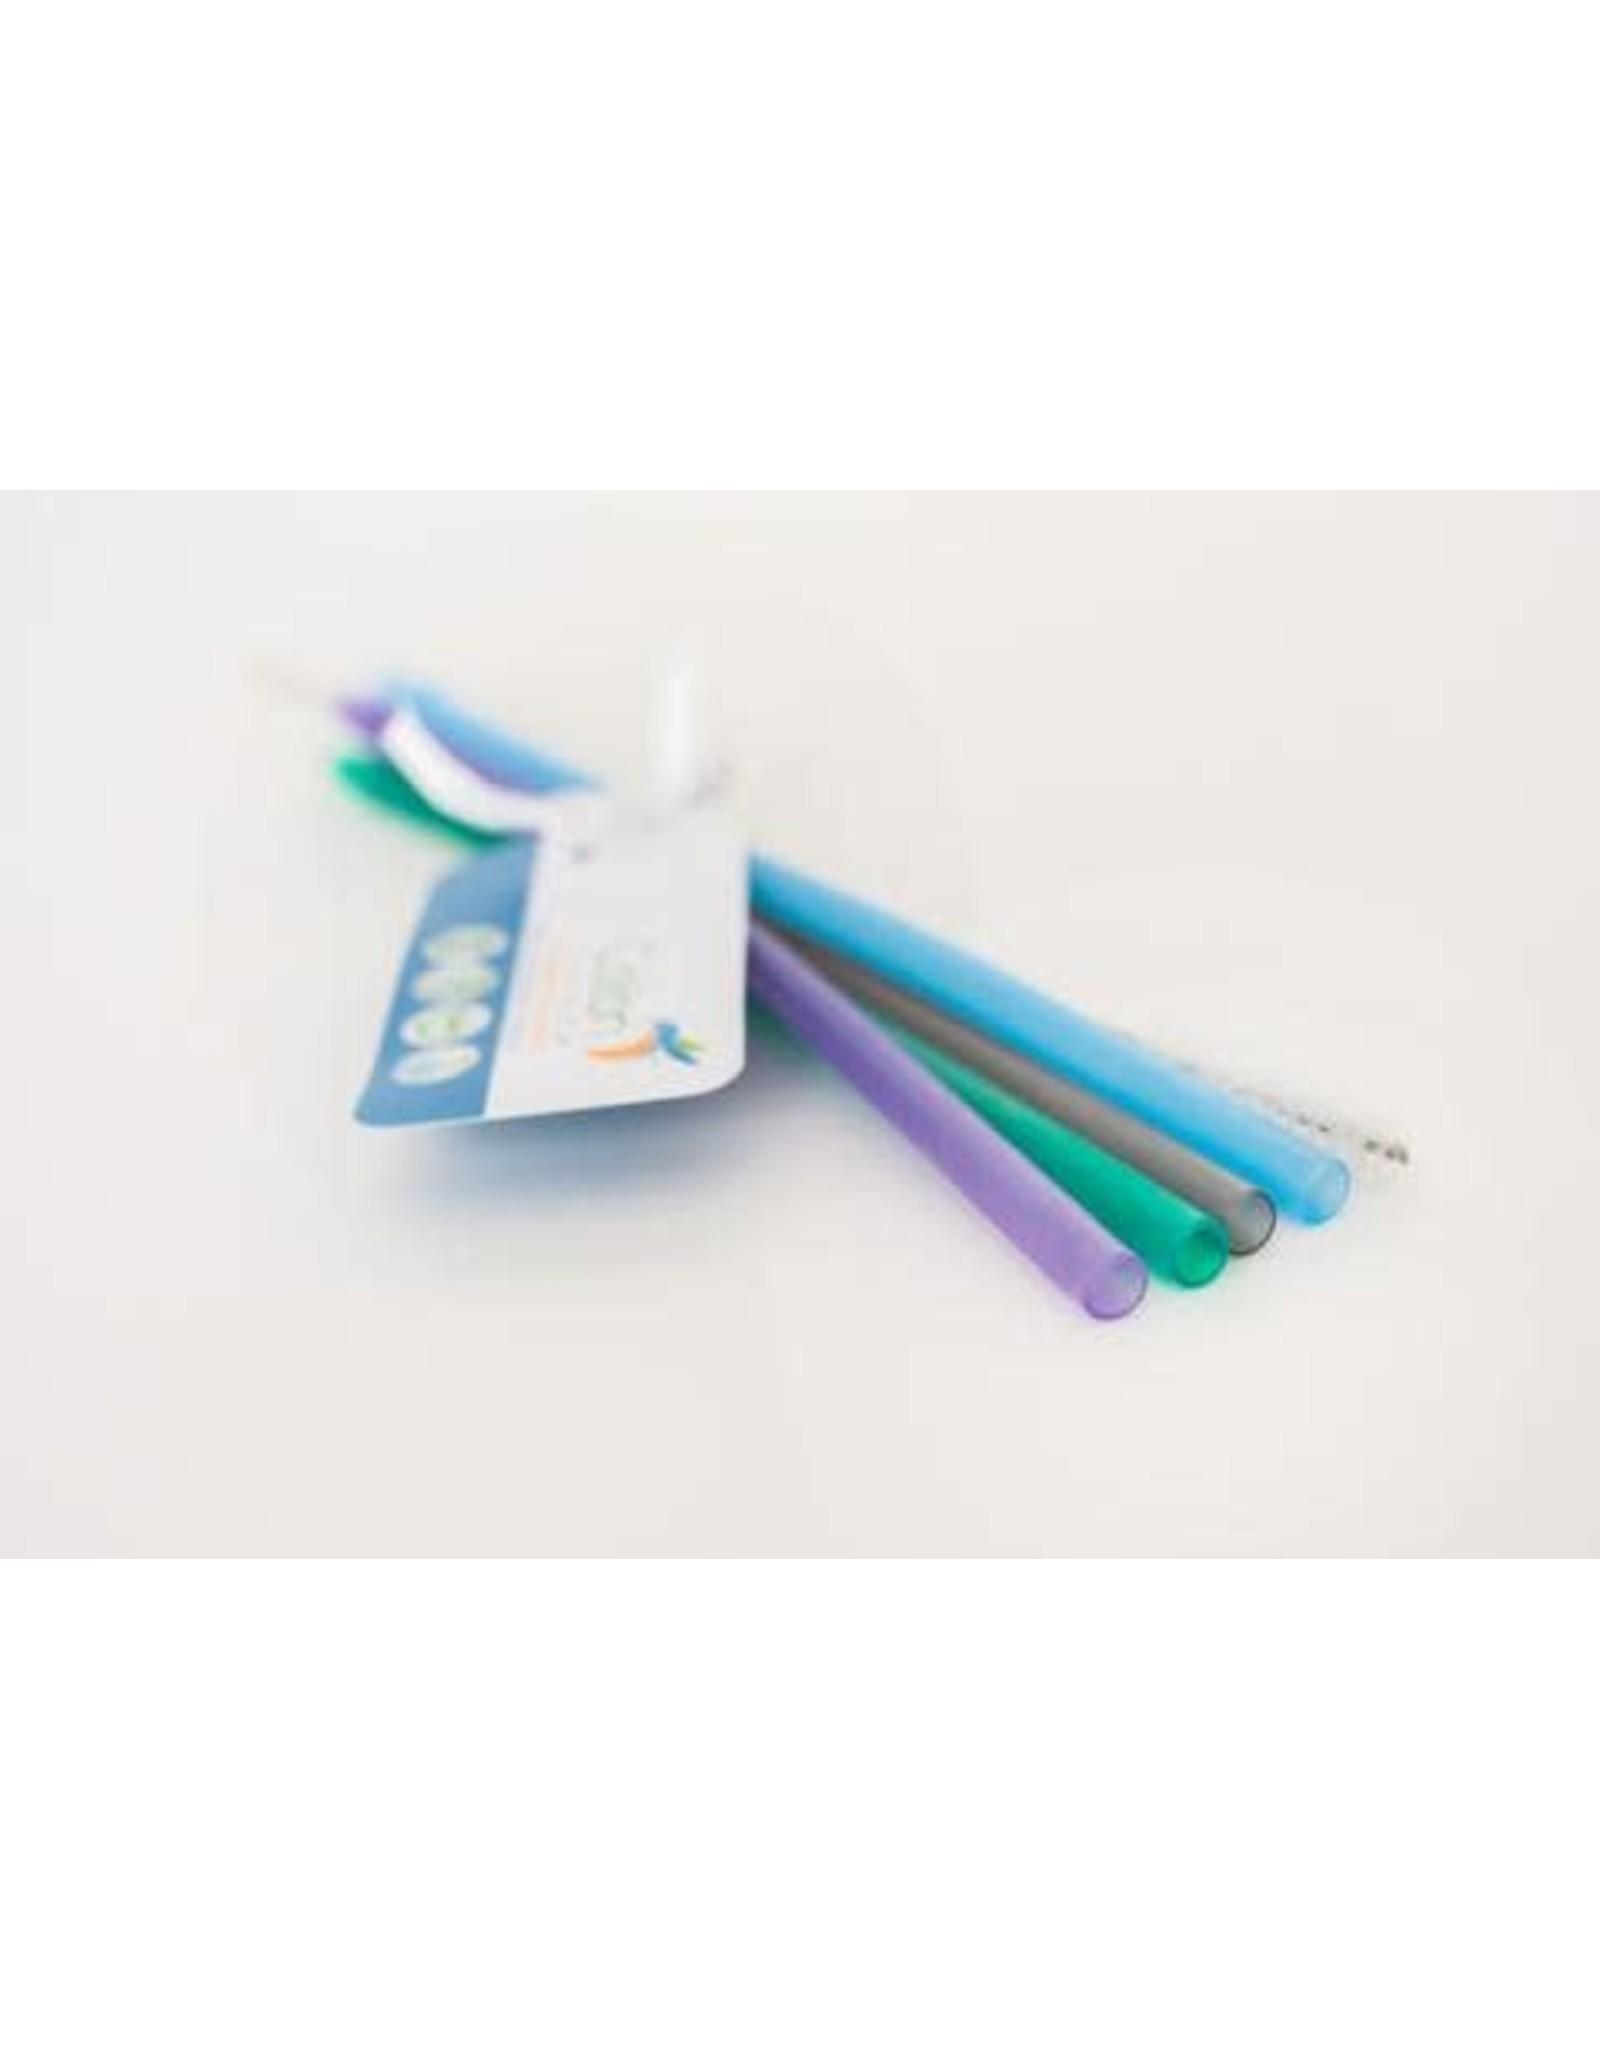 Colibri Colibri Silicone Straws